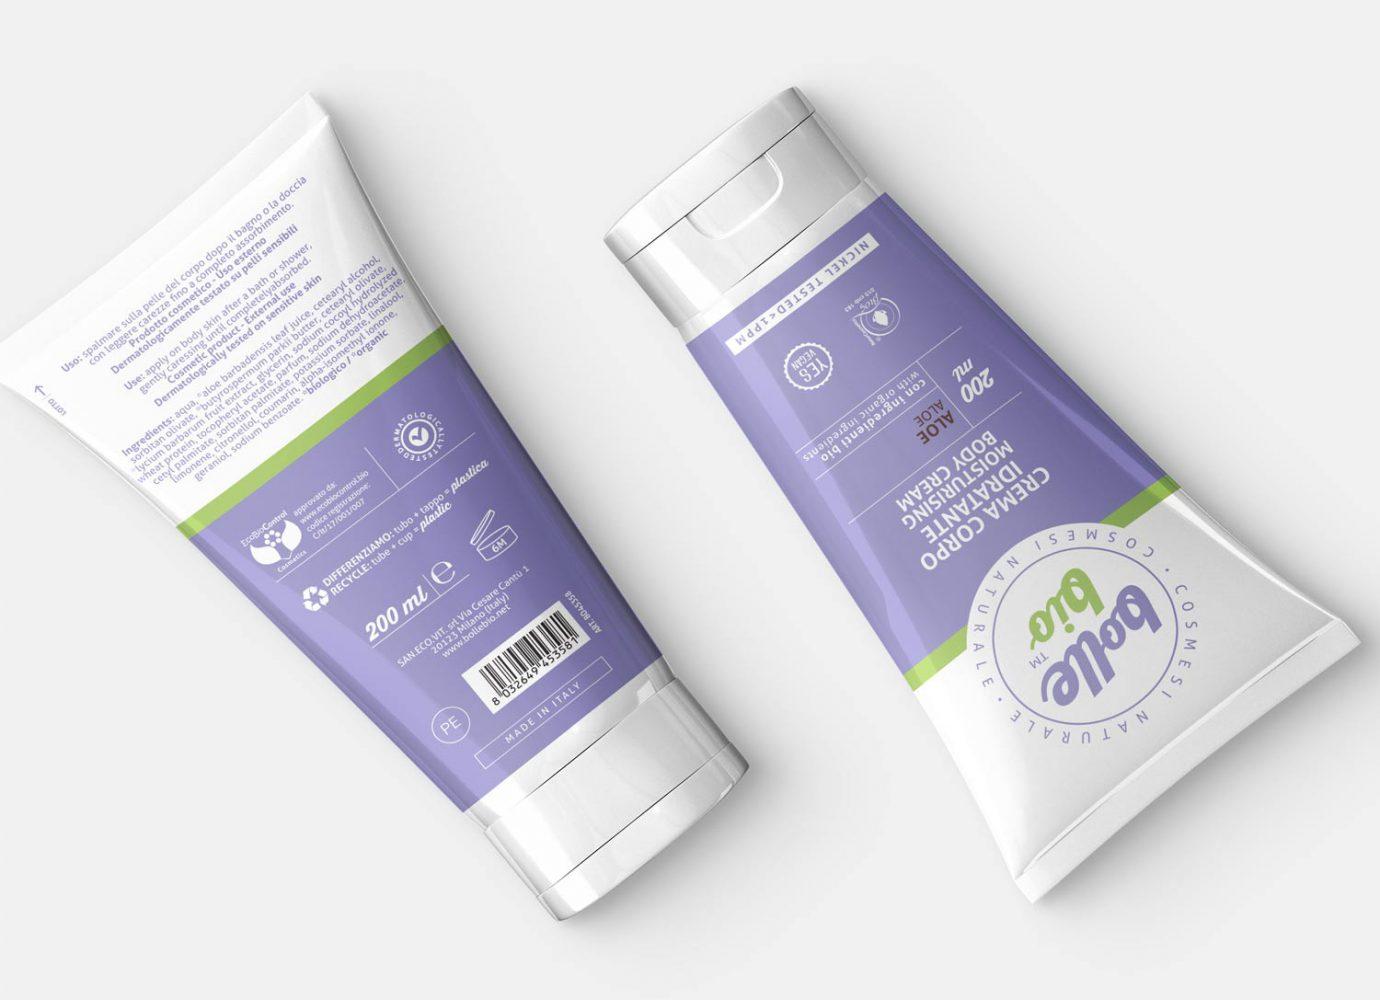 Packaging design di tubo crema corpo fronte e retro di cosmesi naturale per millennial realizzato da WillBe